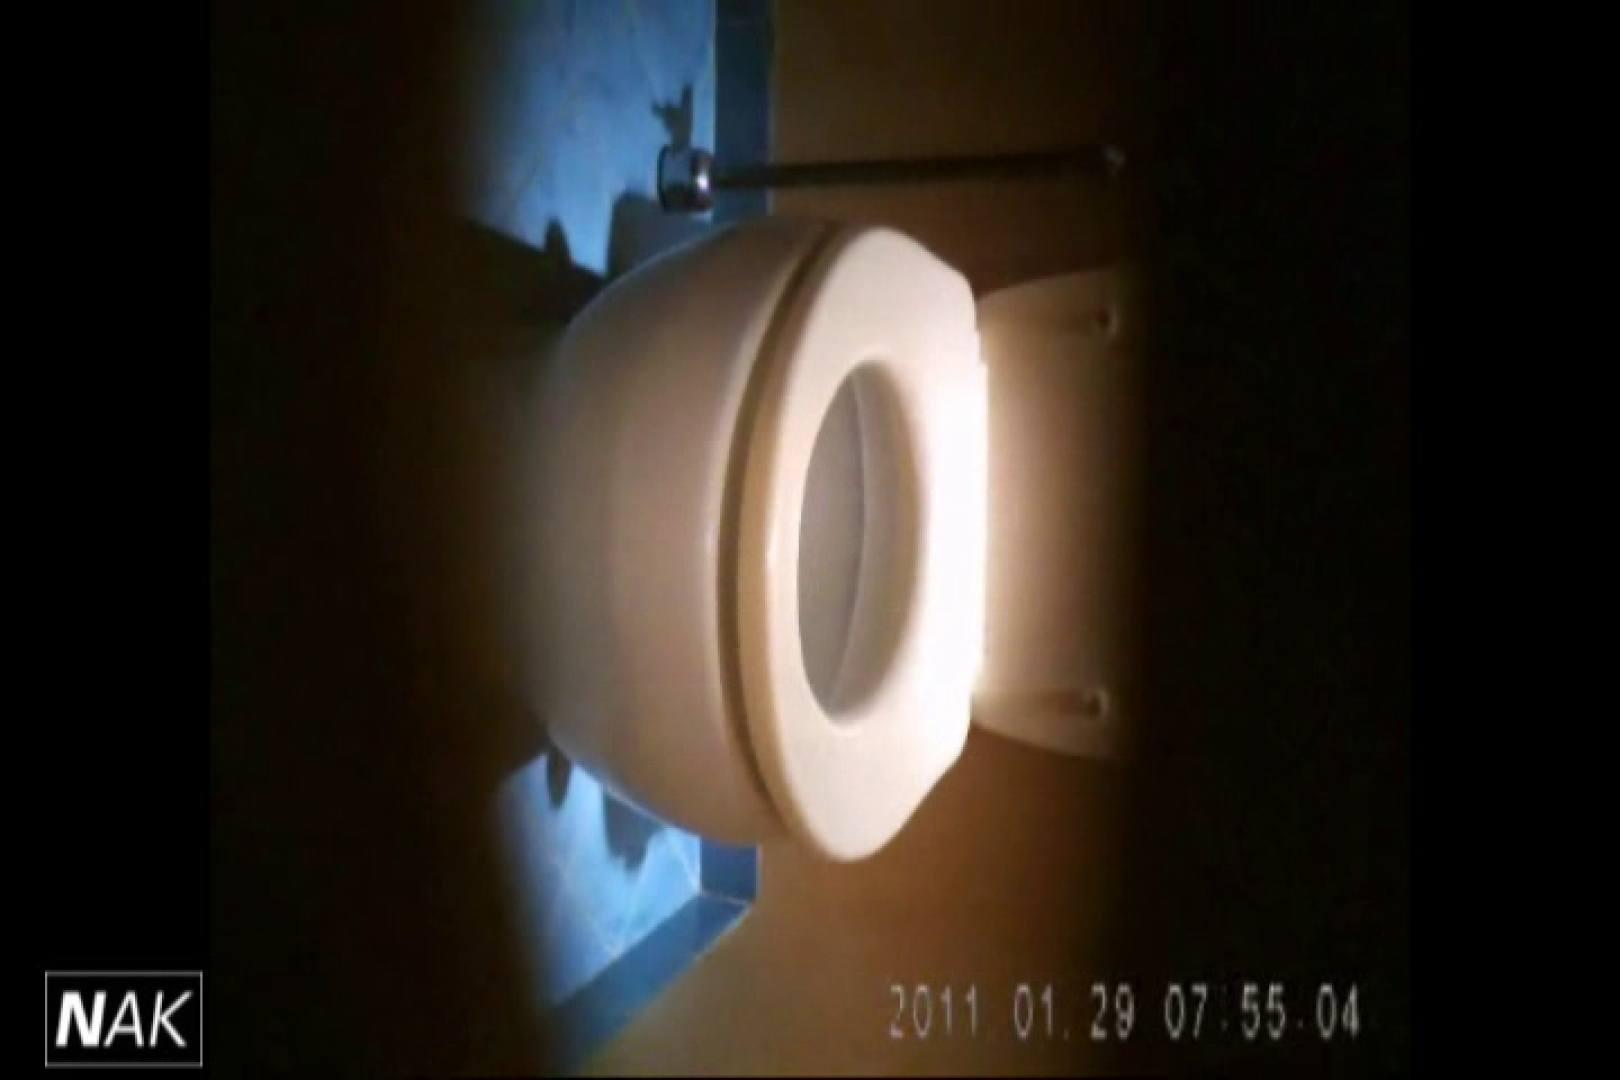 せん八さんの厠観察日記!2点監視カメラ 高画質5000K vol.16 黄金水 盗撮画像 113PIX 83